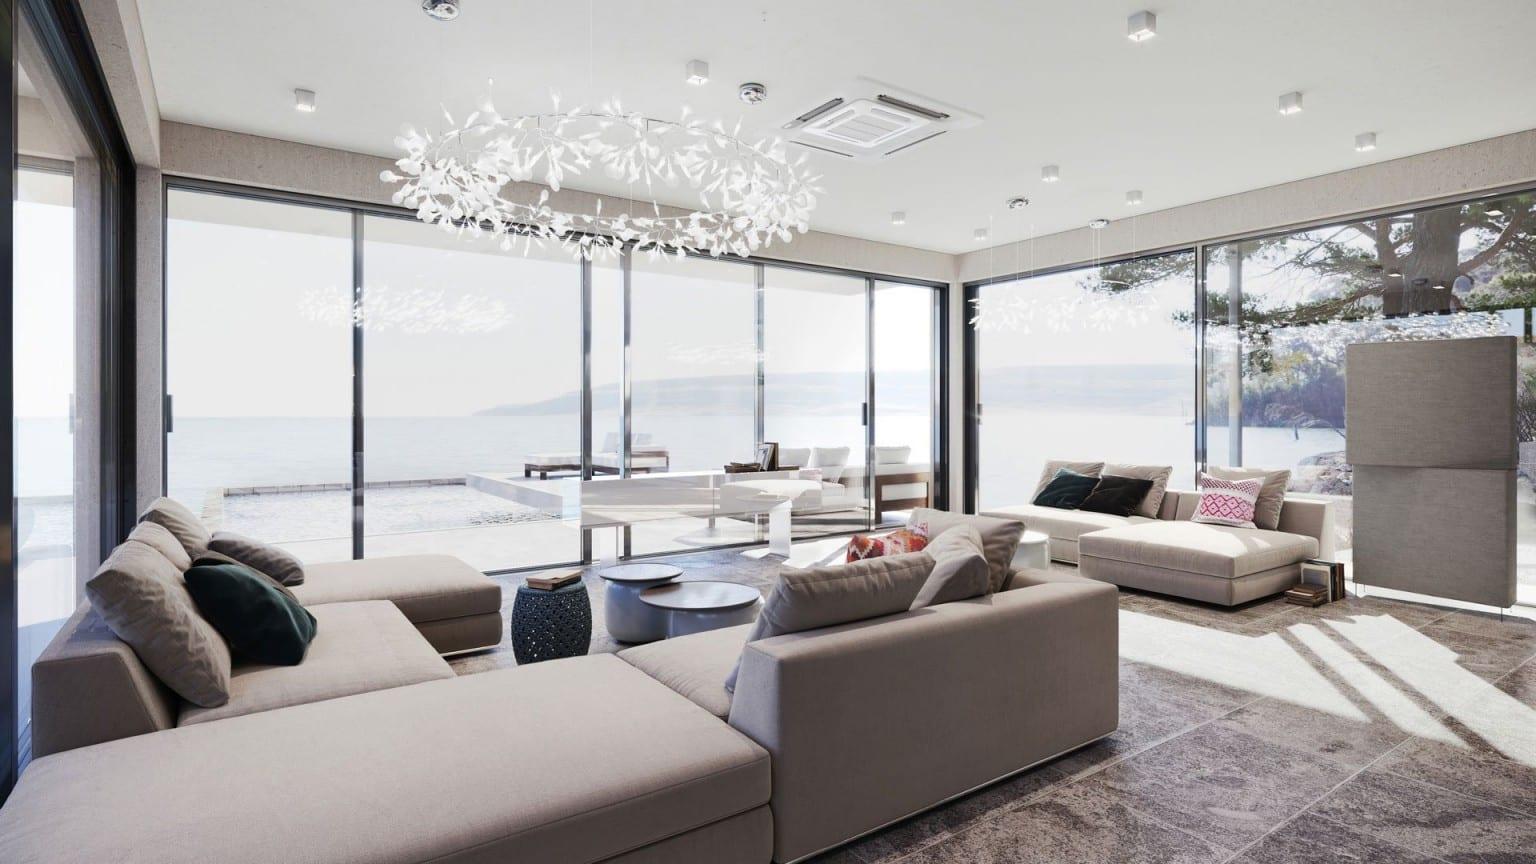 Sala de estar com portas de vidro - 5 dicas de marketing para um Designer de Interiores